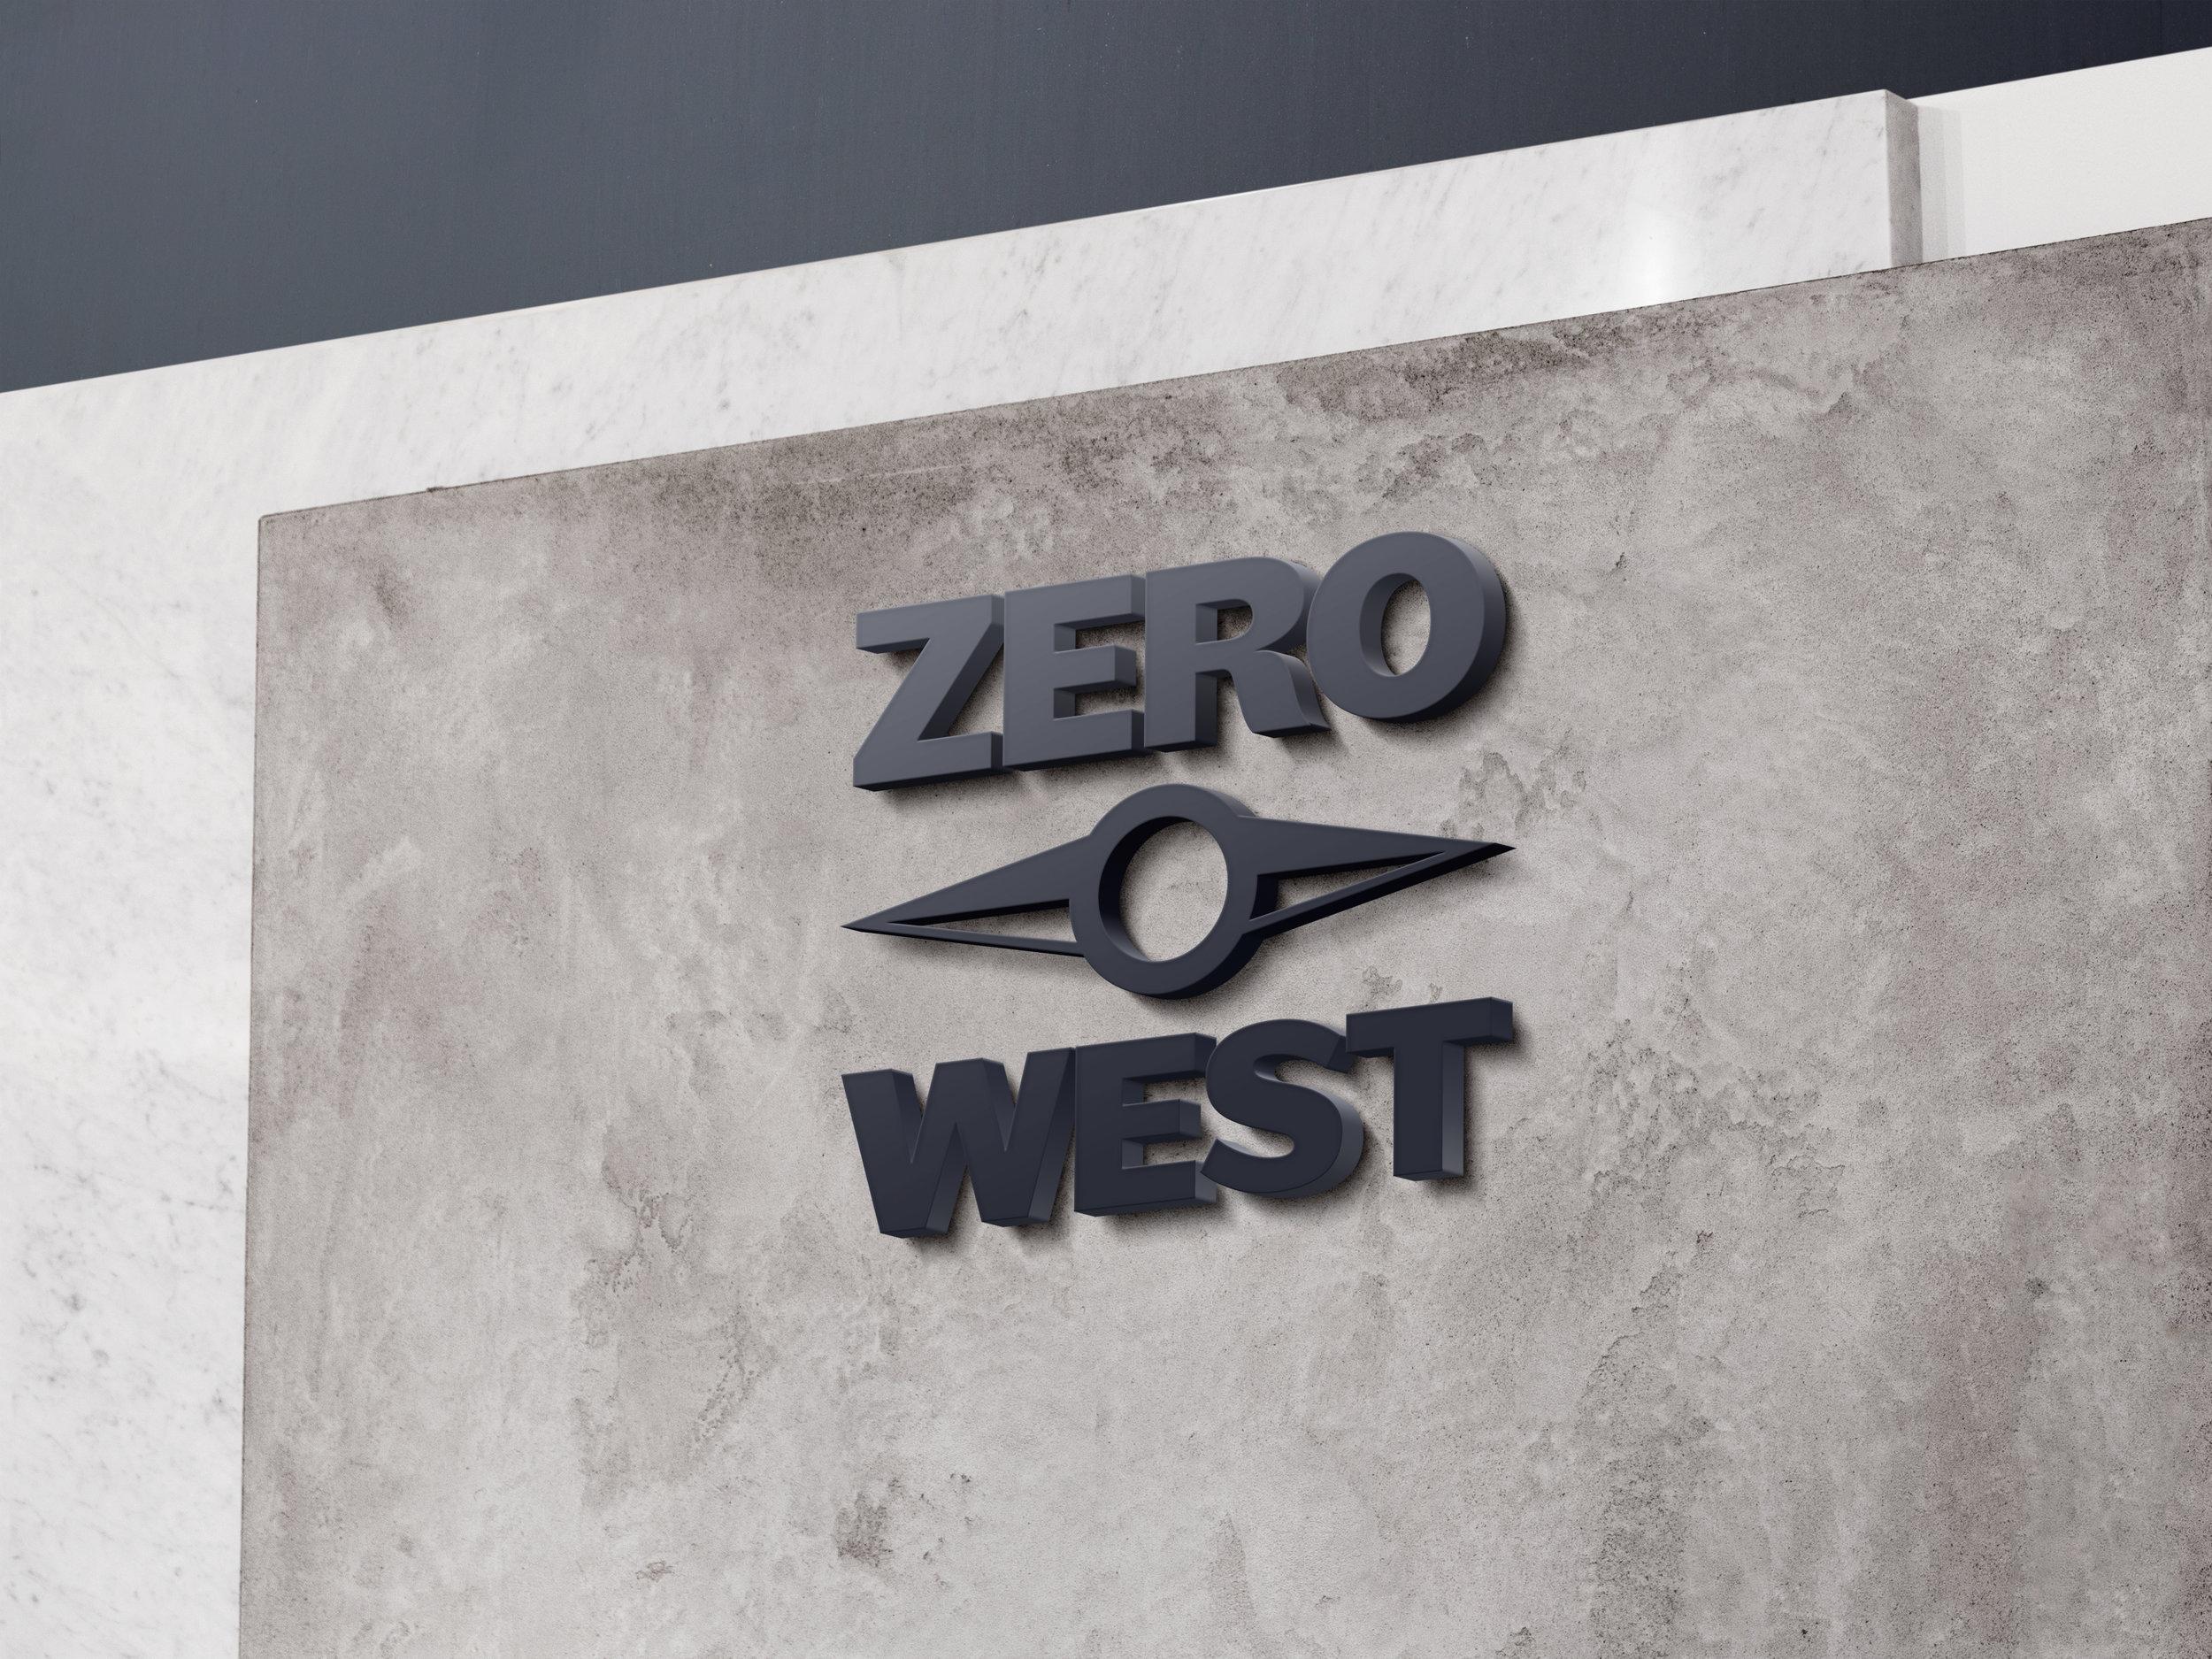 Zero West: Hotel Lobby Sign